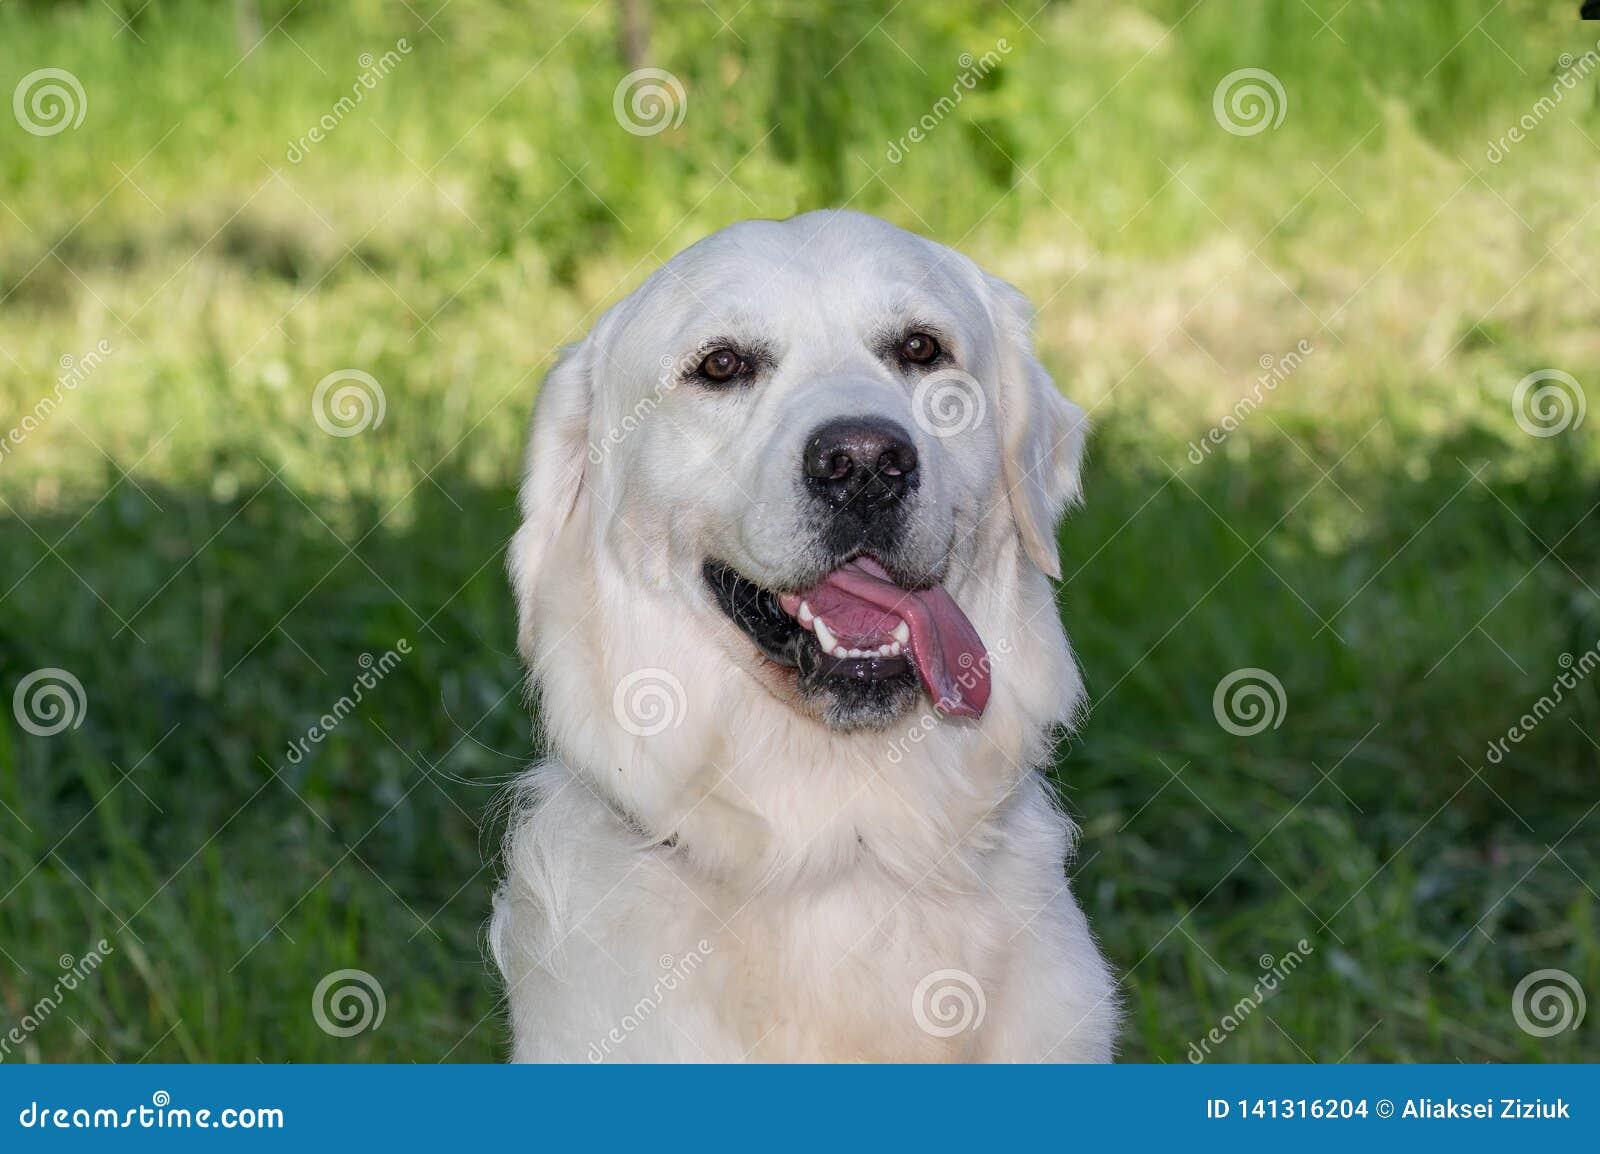 Weißer Hund Labrador retrievers, Porträt, sitzt auf dem Grashintergrund